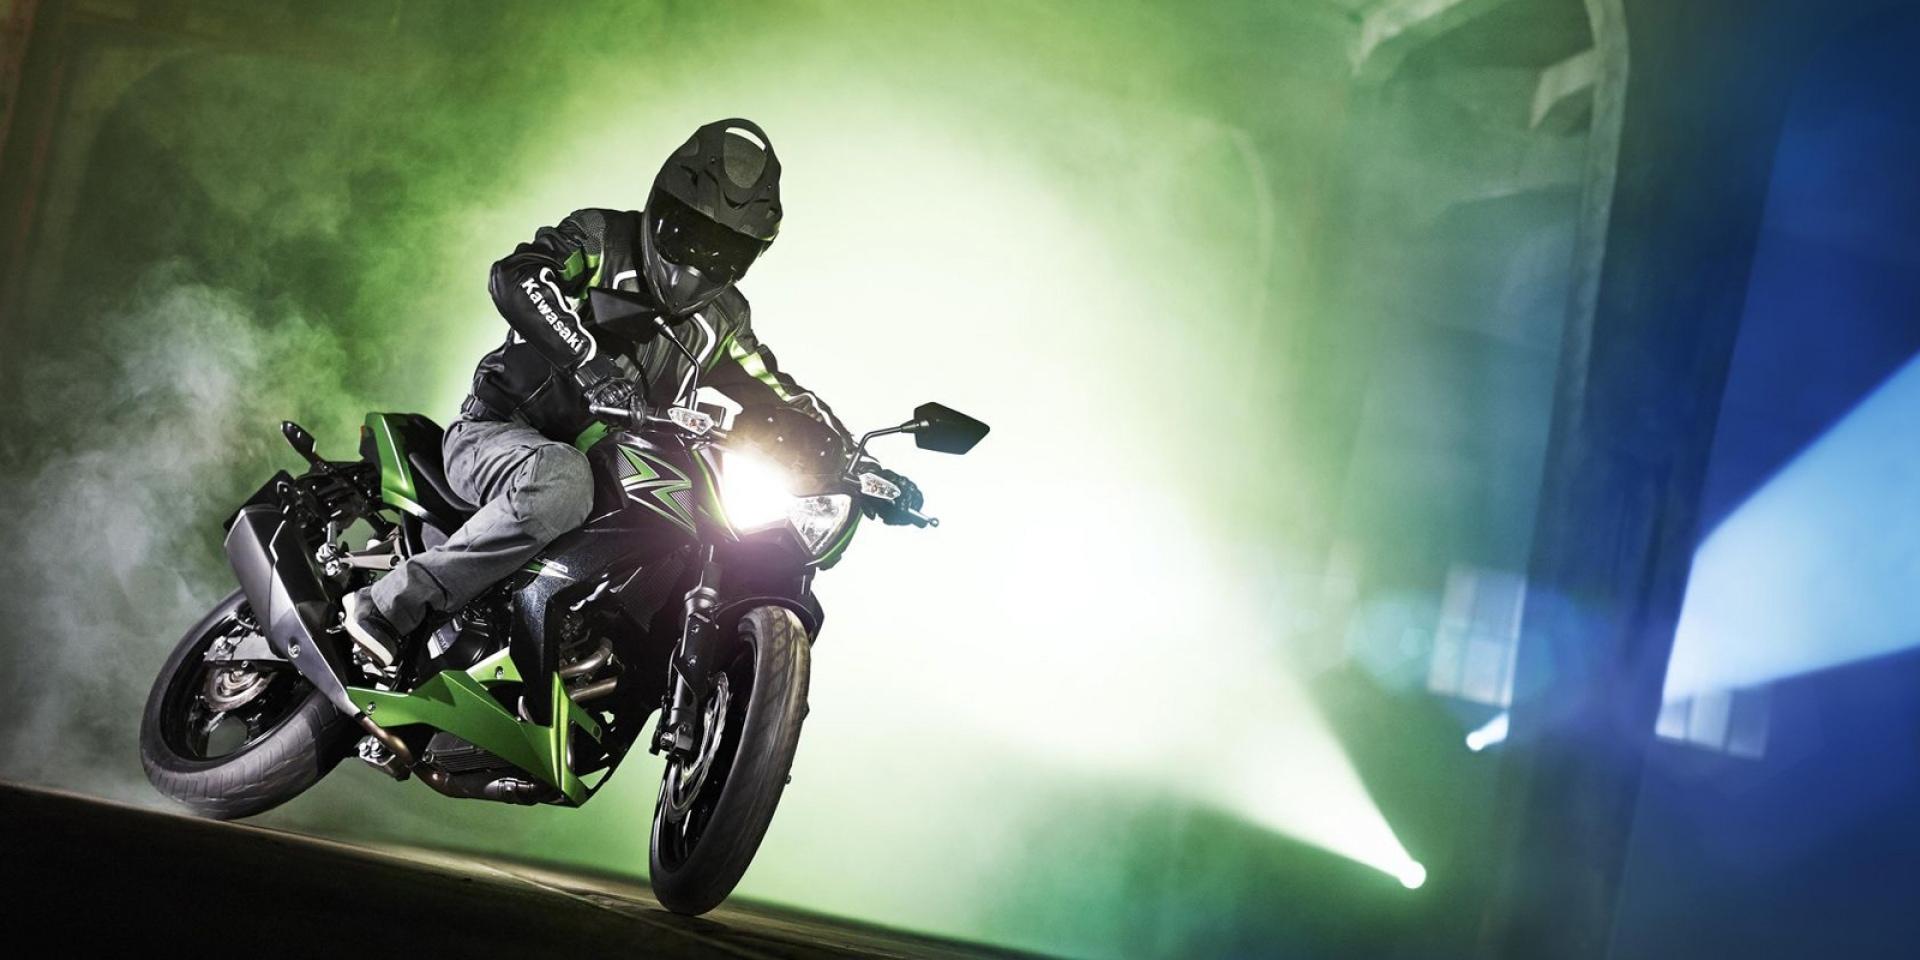 輕檔街車之戰烽火再起!Kawasaki Z400即將現身